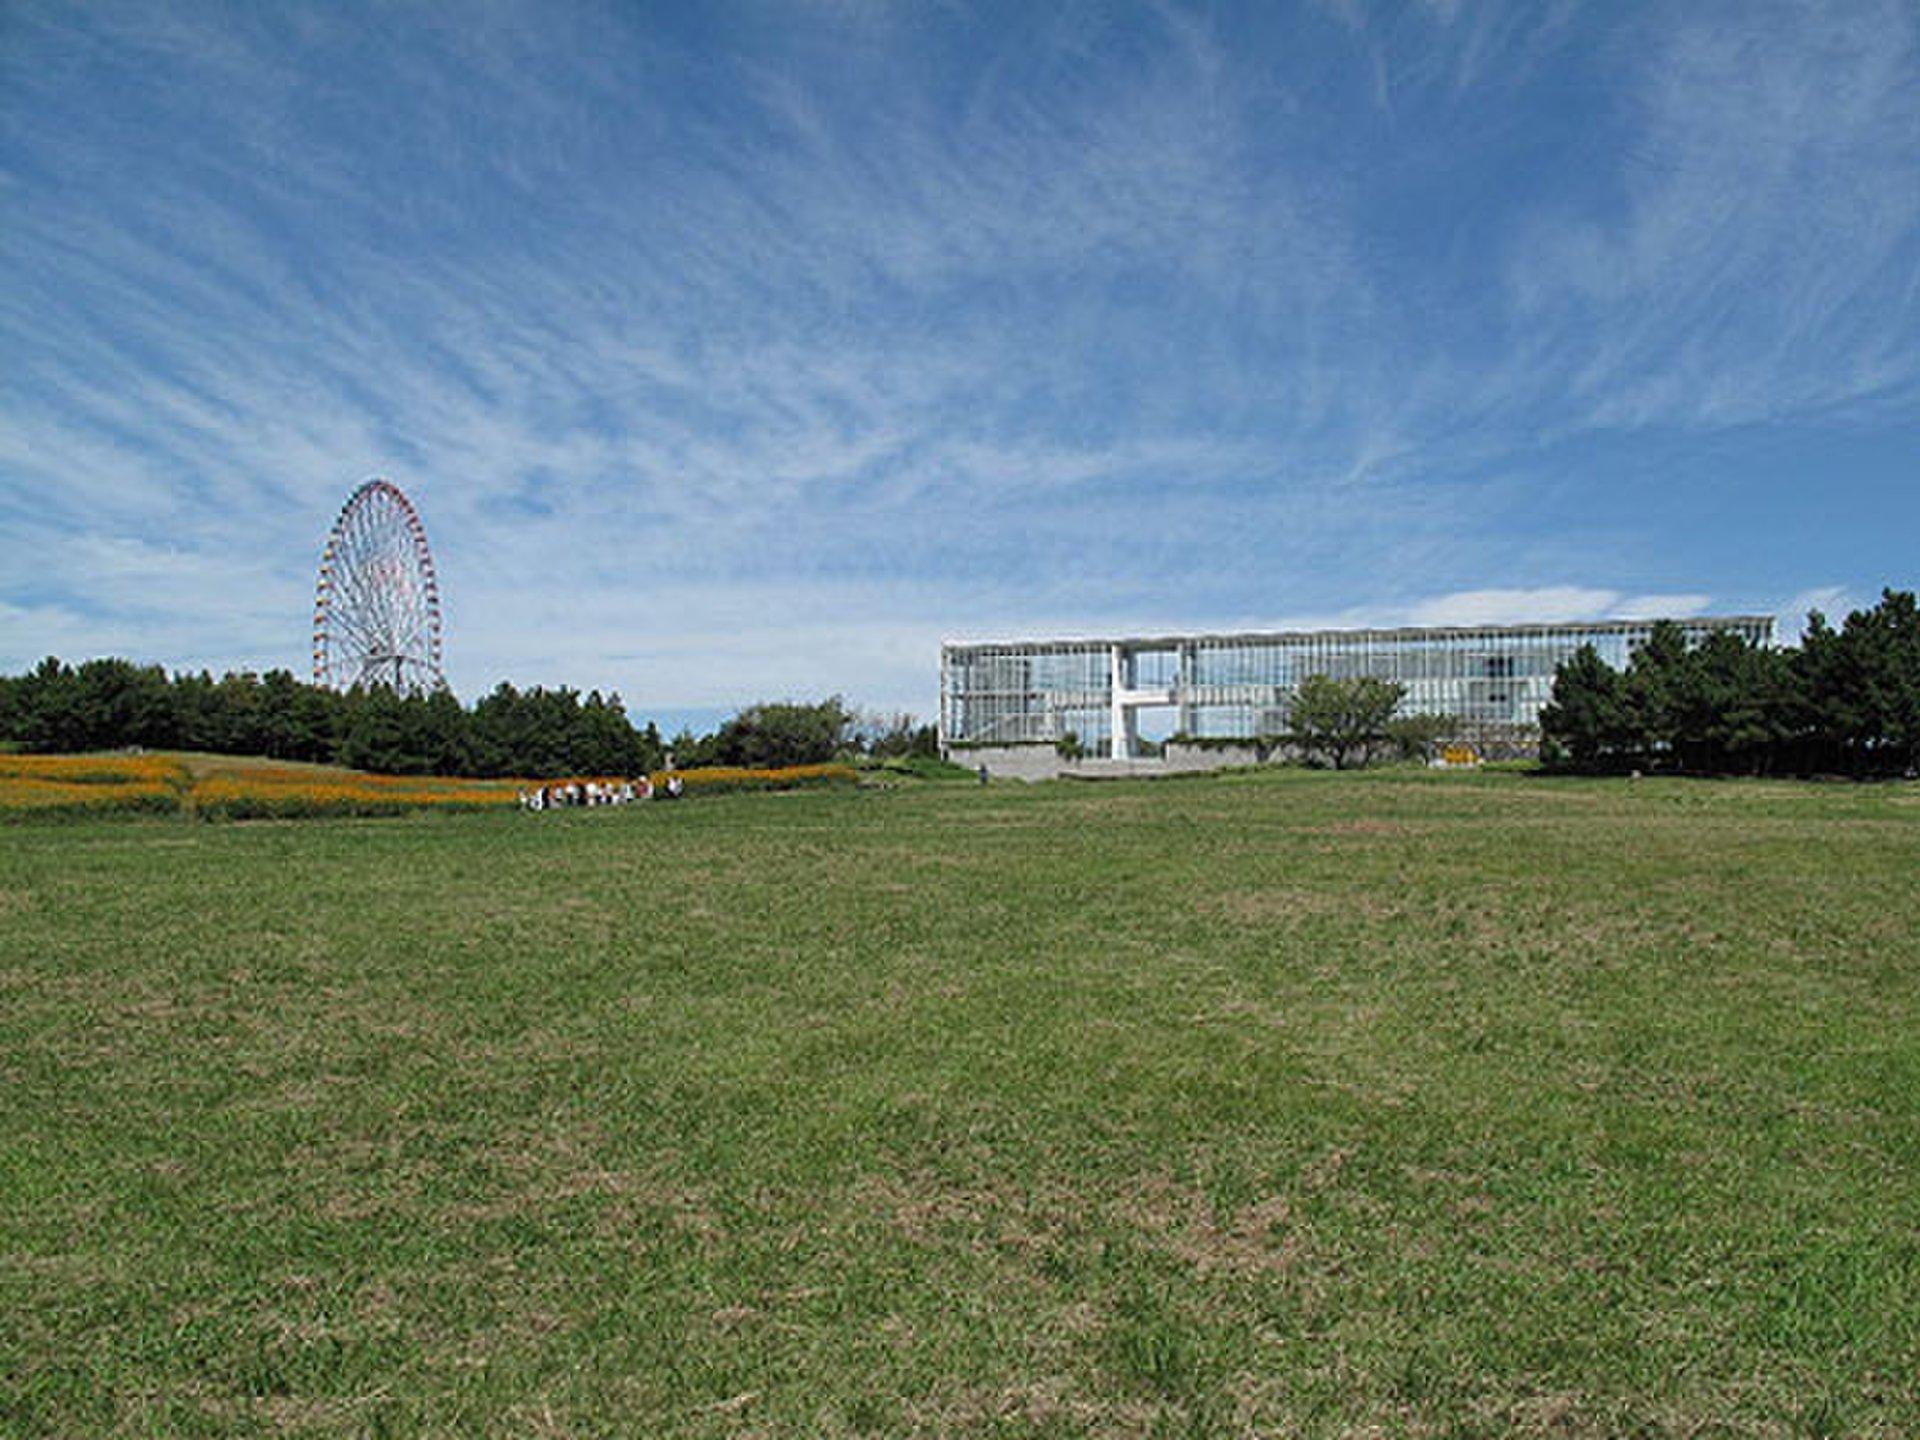 【晴れた日に公園で過ごす1日】葛西臨界公園&お台場海浜公園で自然を満喫!